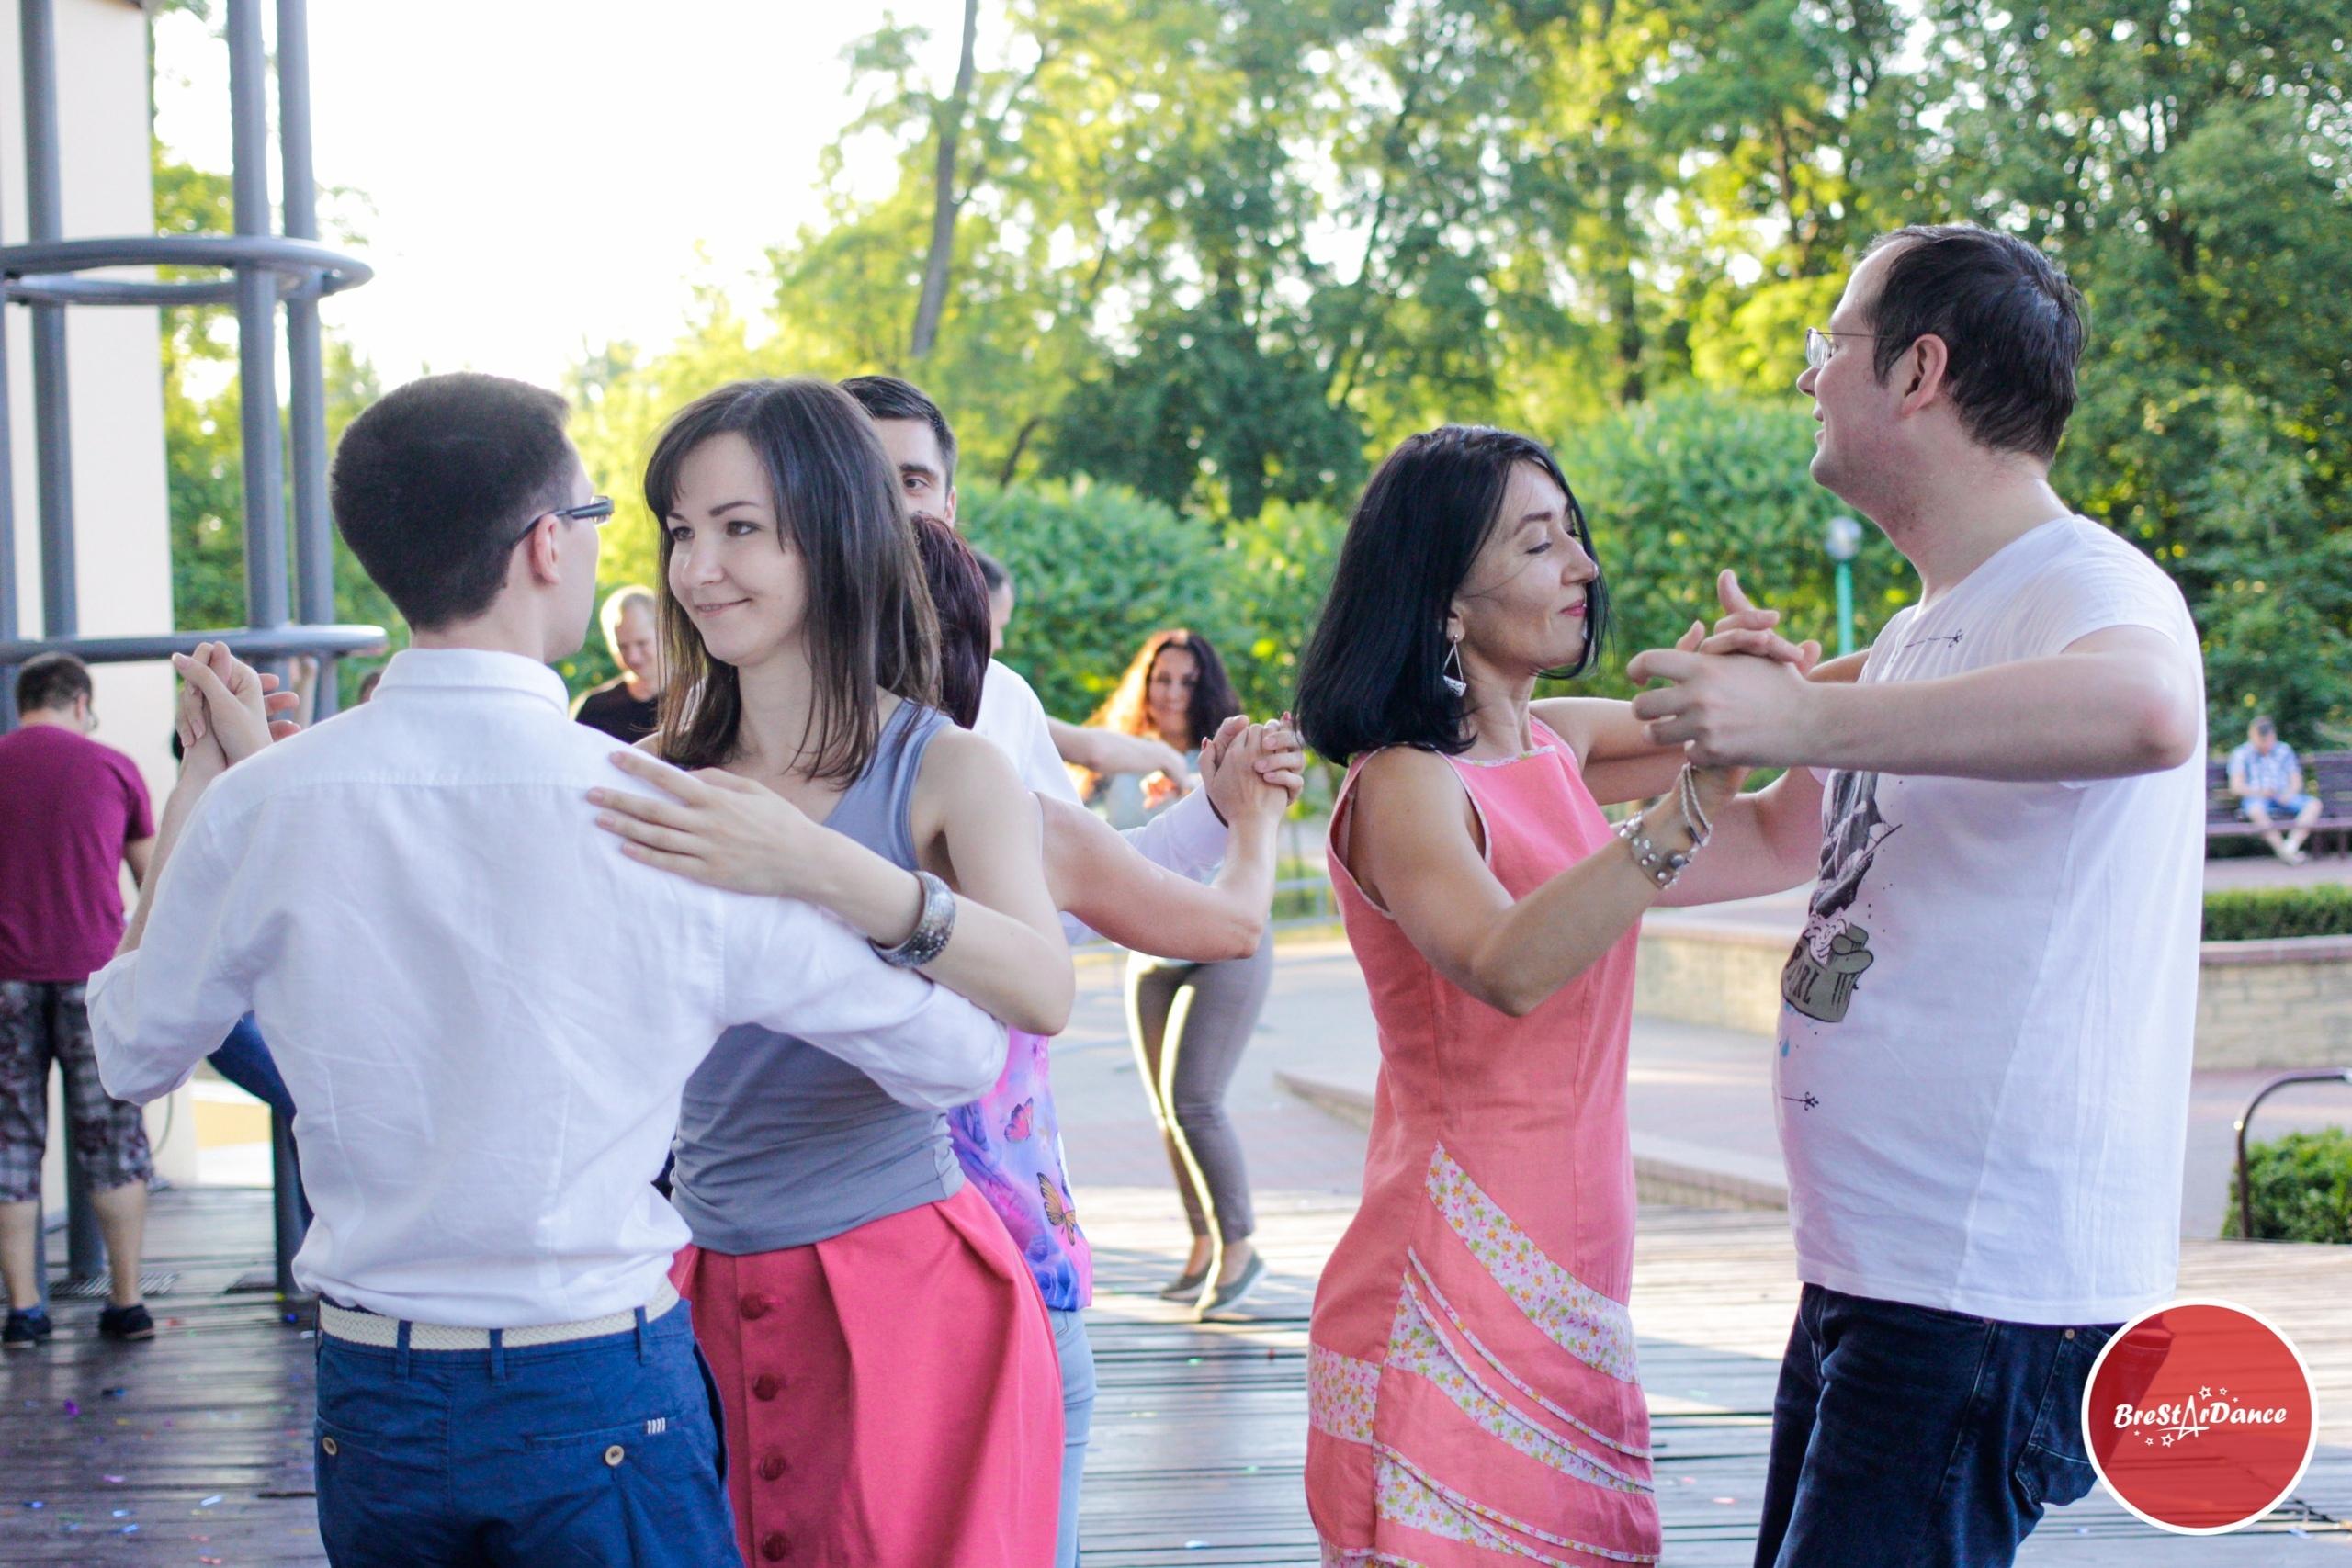 Брестчан приглашают на благотворительный фитнес-марафон под открытым небом